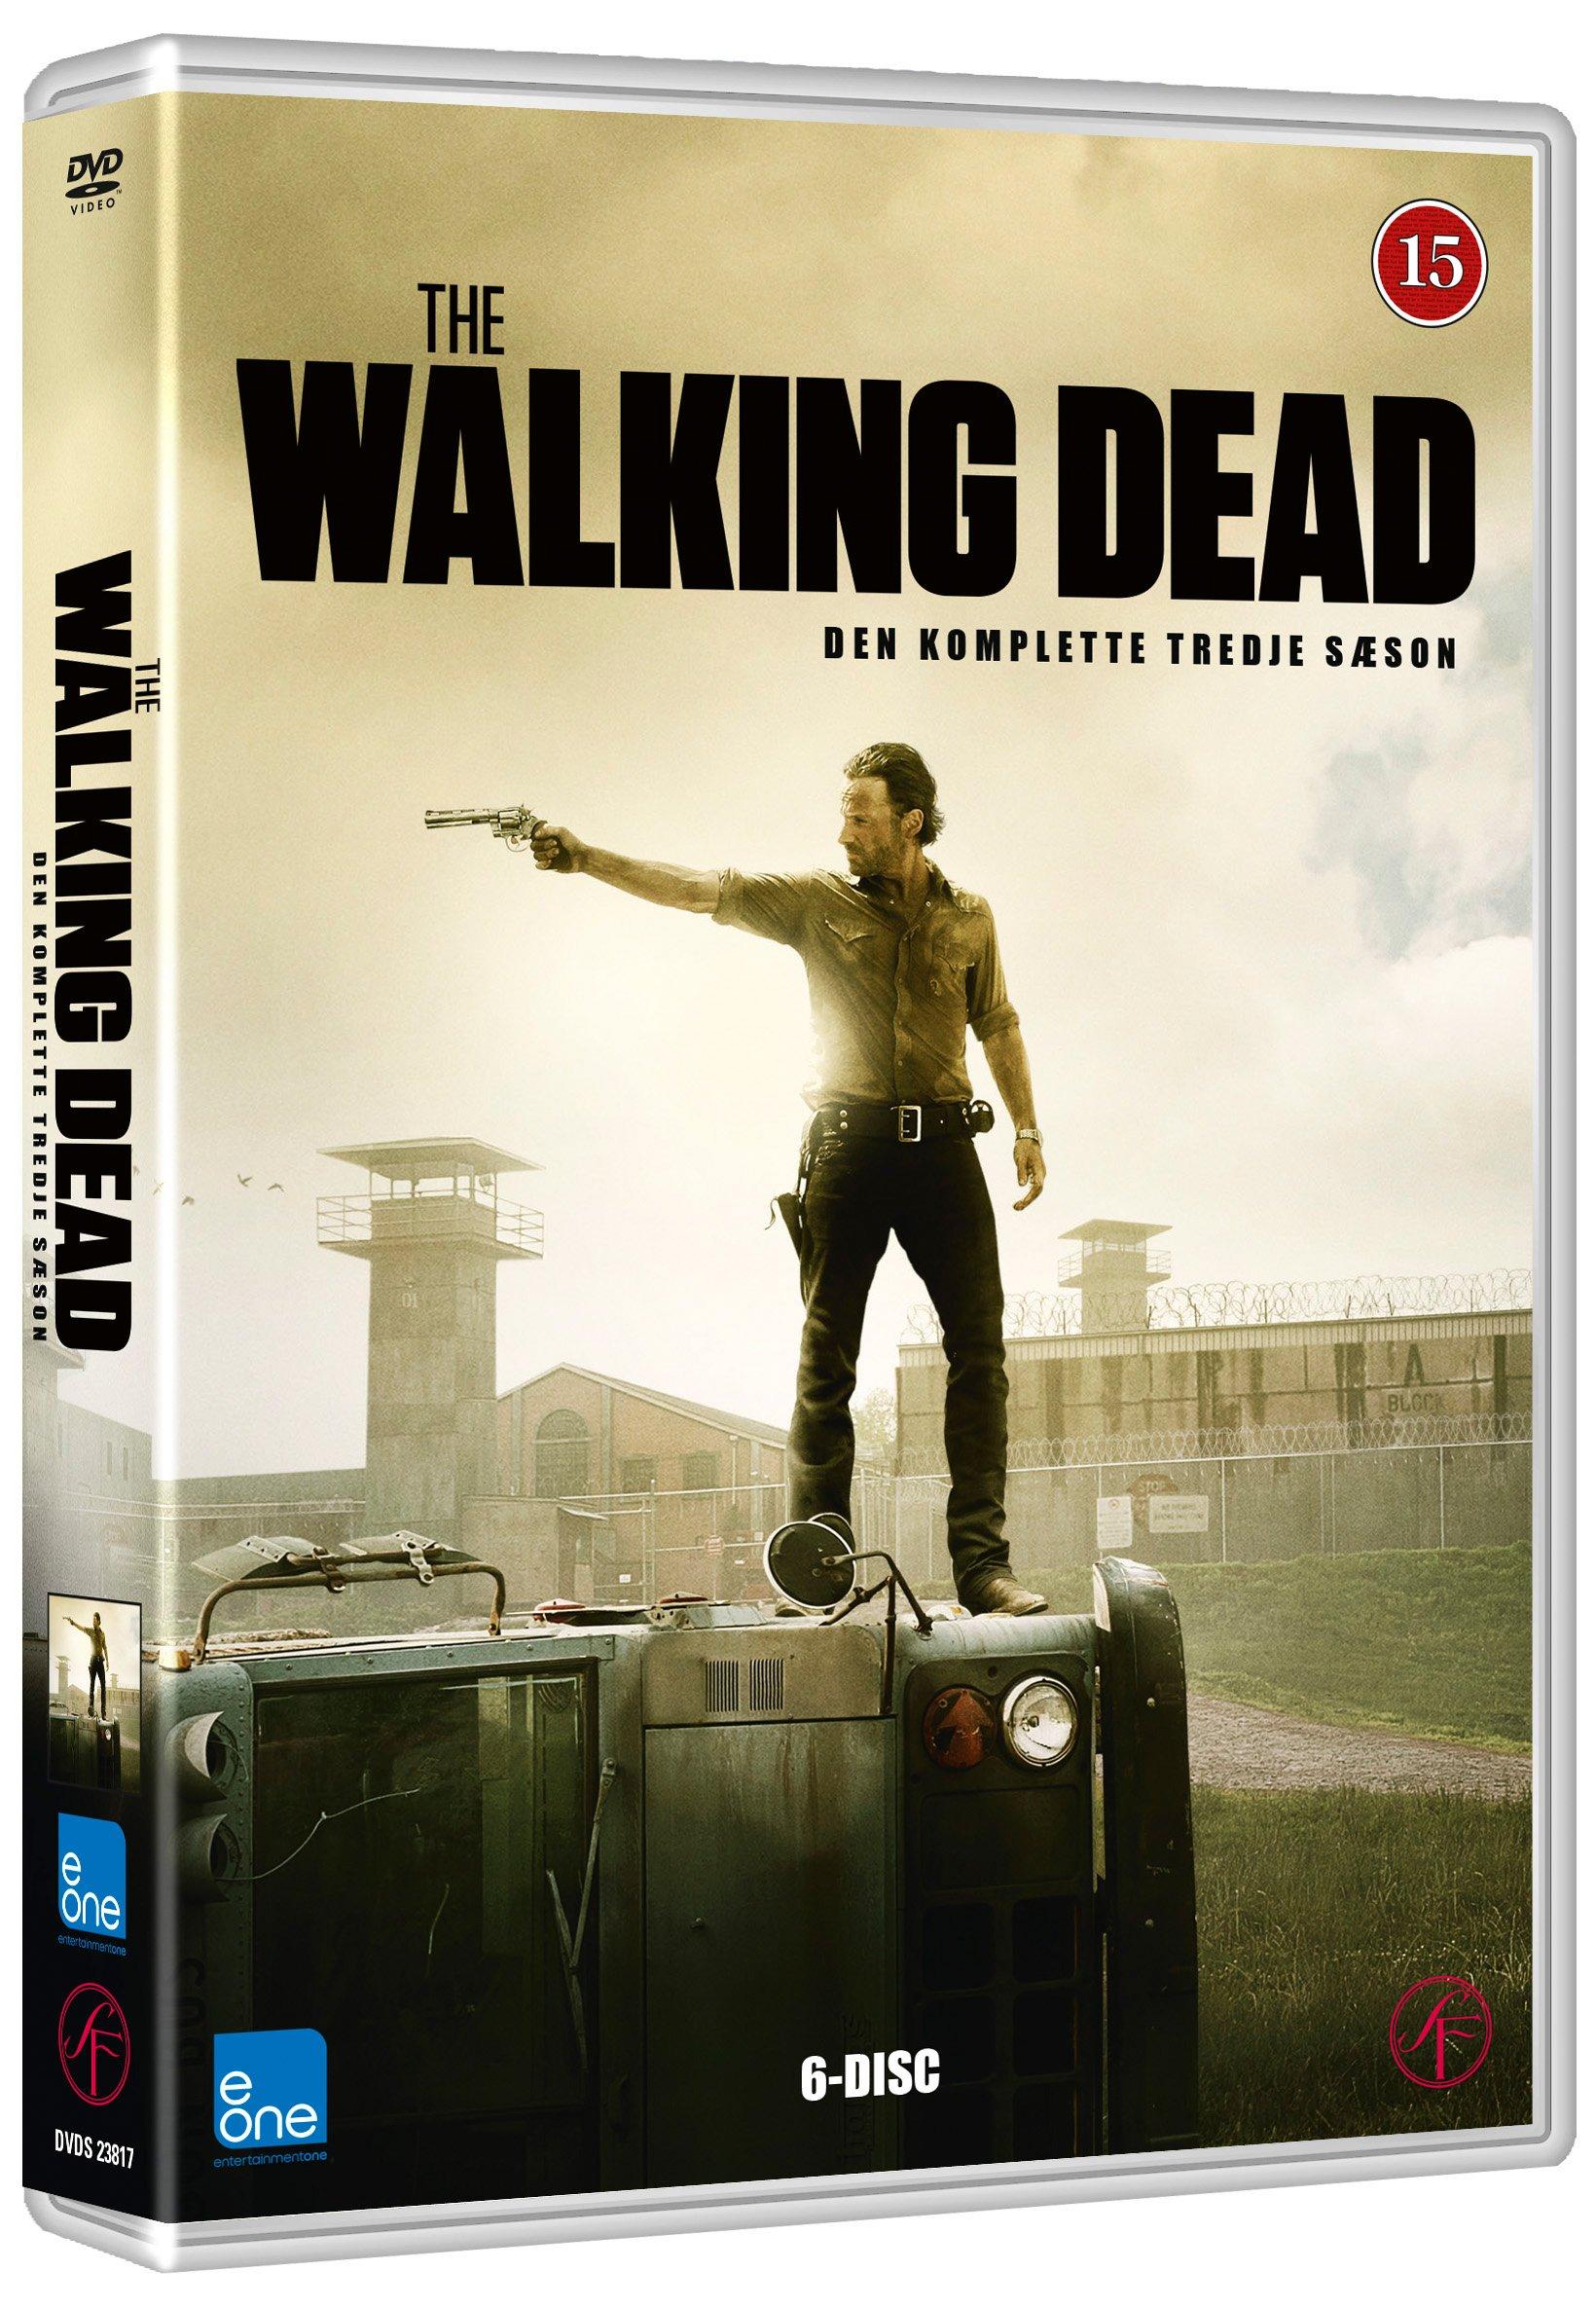 The Walking Dead - Season 3 - DVD